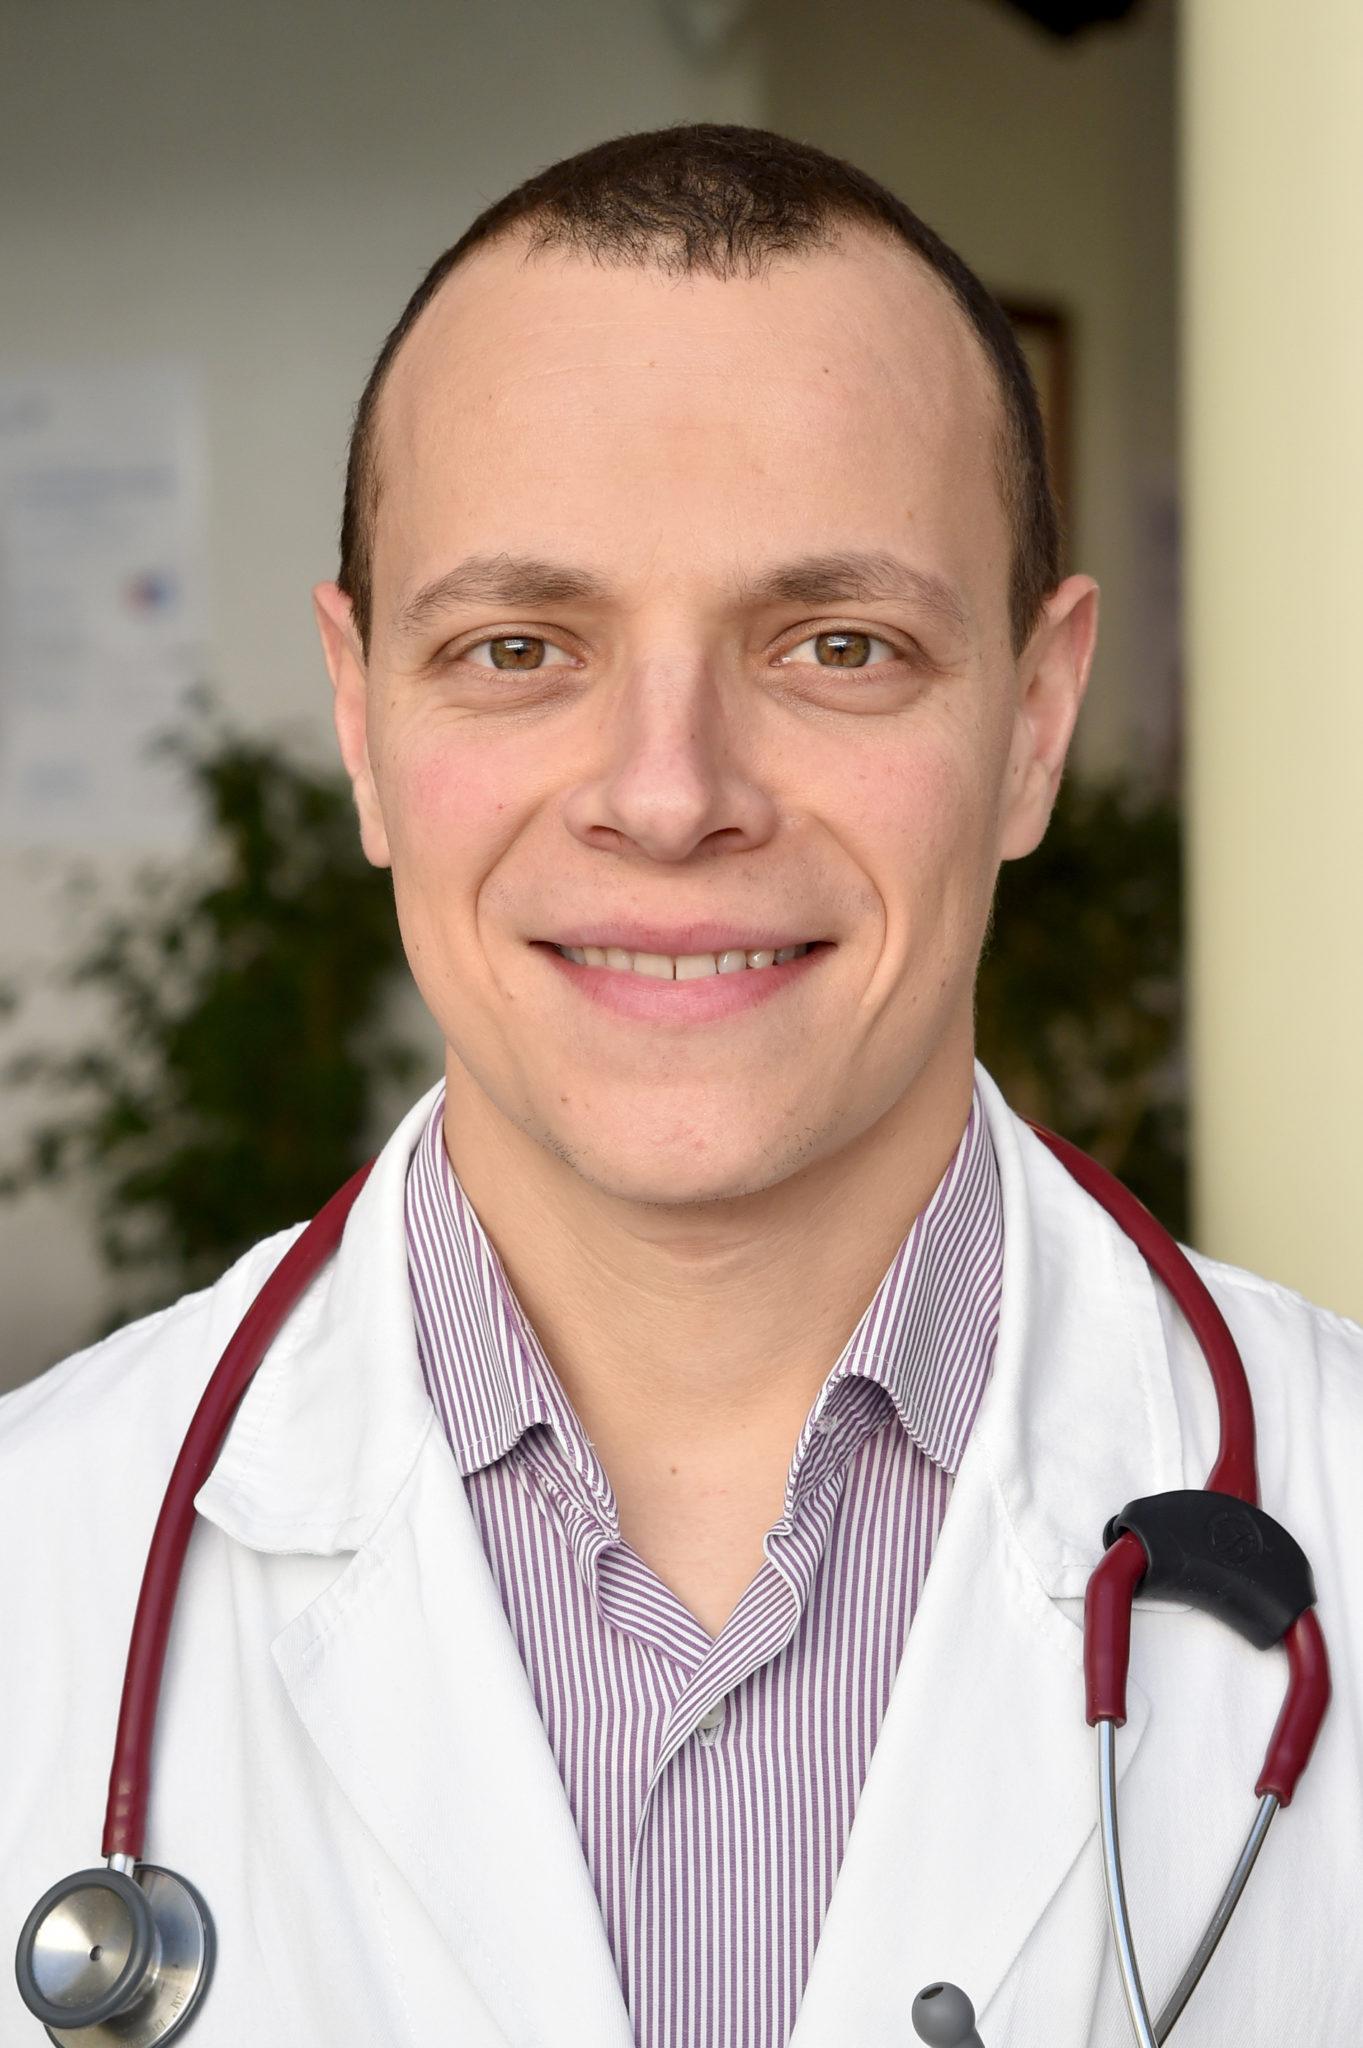 Gian Pio Sorice